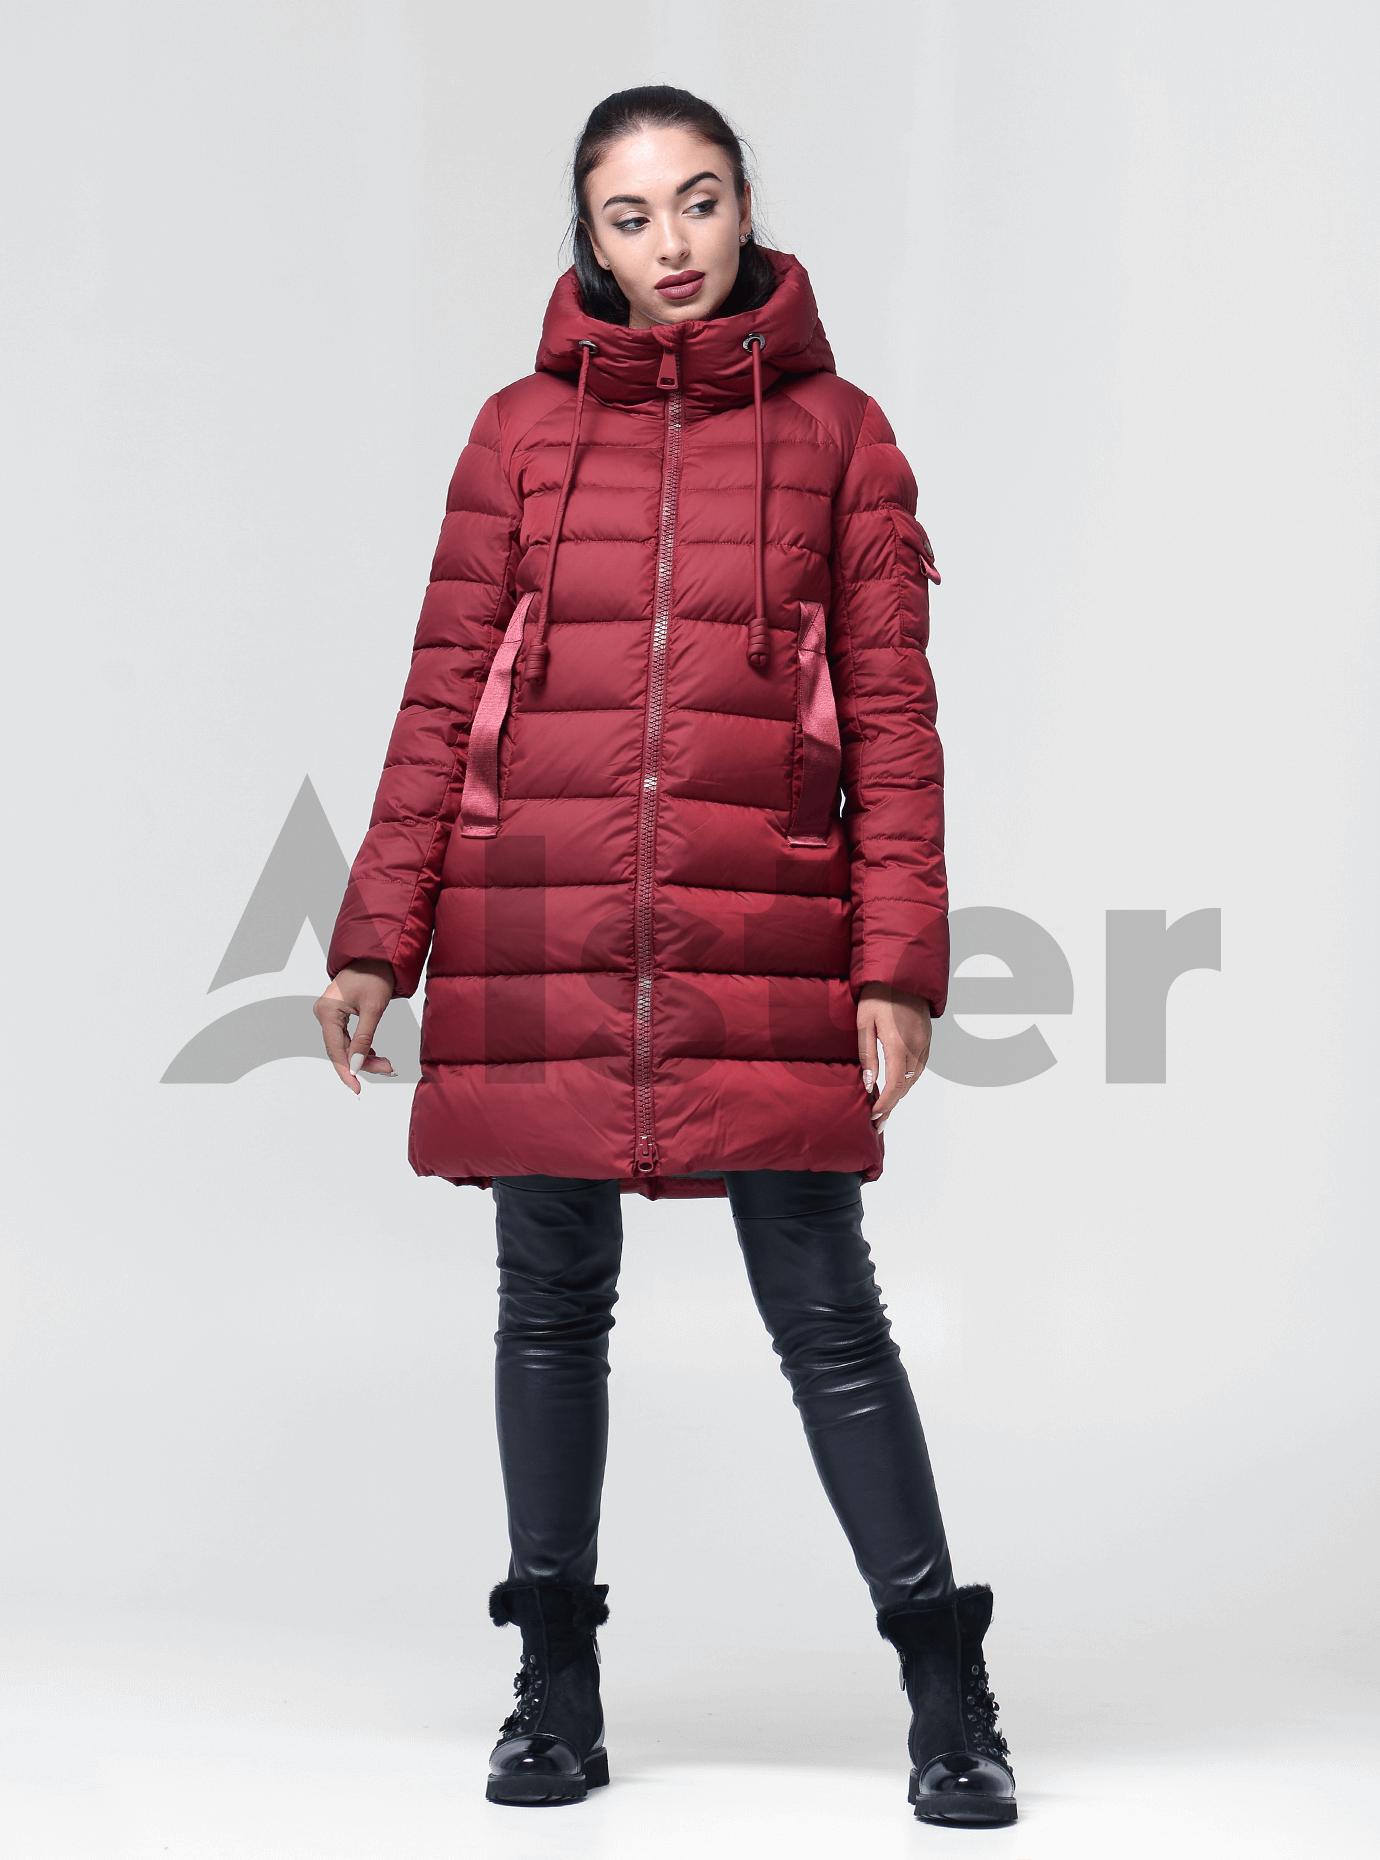 Пуховик женский с капюшоном Бордо XL (02-4676): фото - Alster.ua